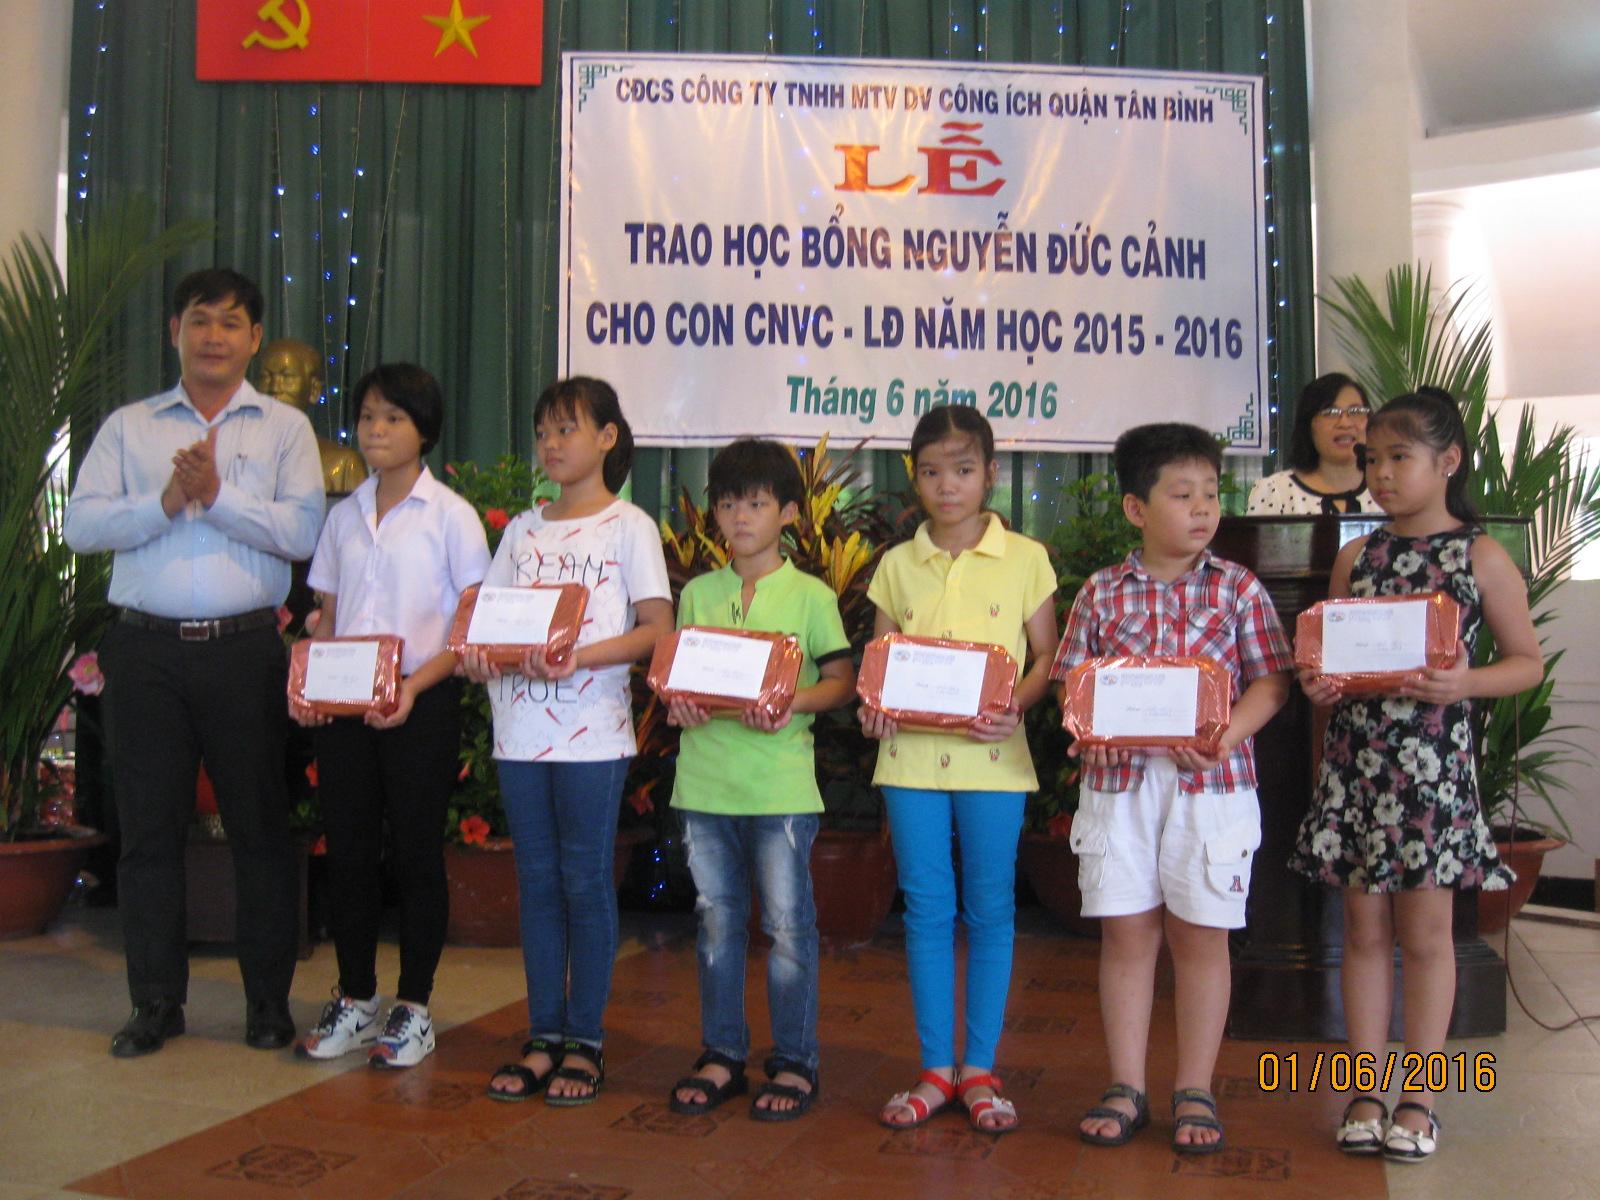 Họp mặt kỷ niệm ngày Quốc tế thiếu nhi 01/6 và phát học bổng Nguyễn Đức Cảnh 2016